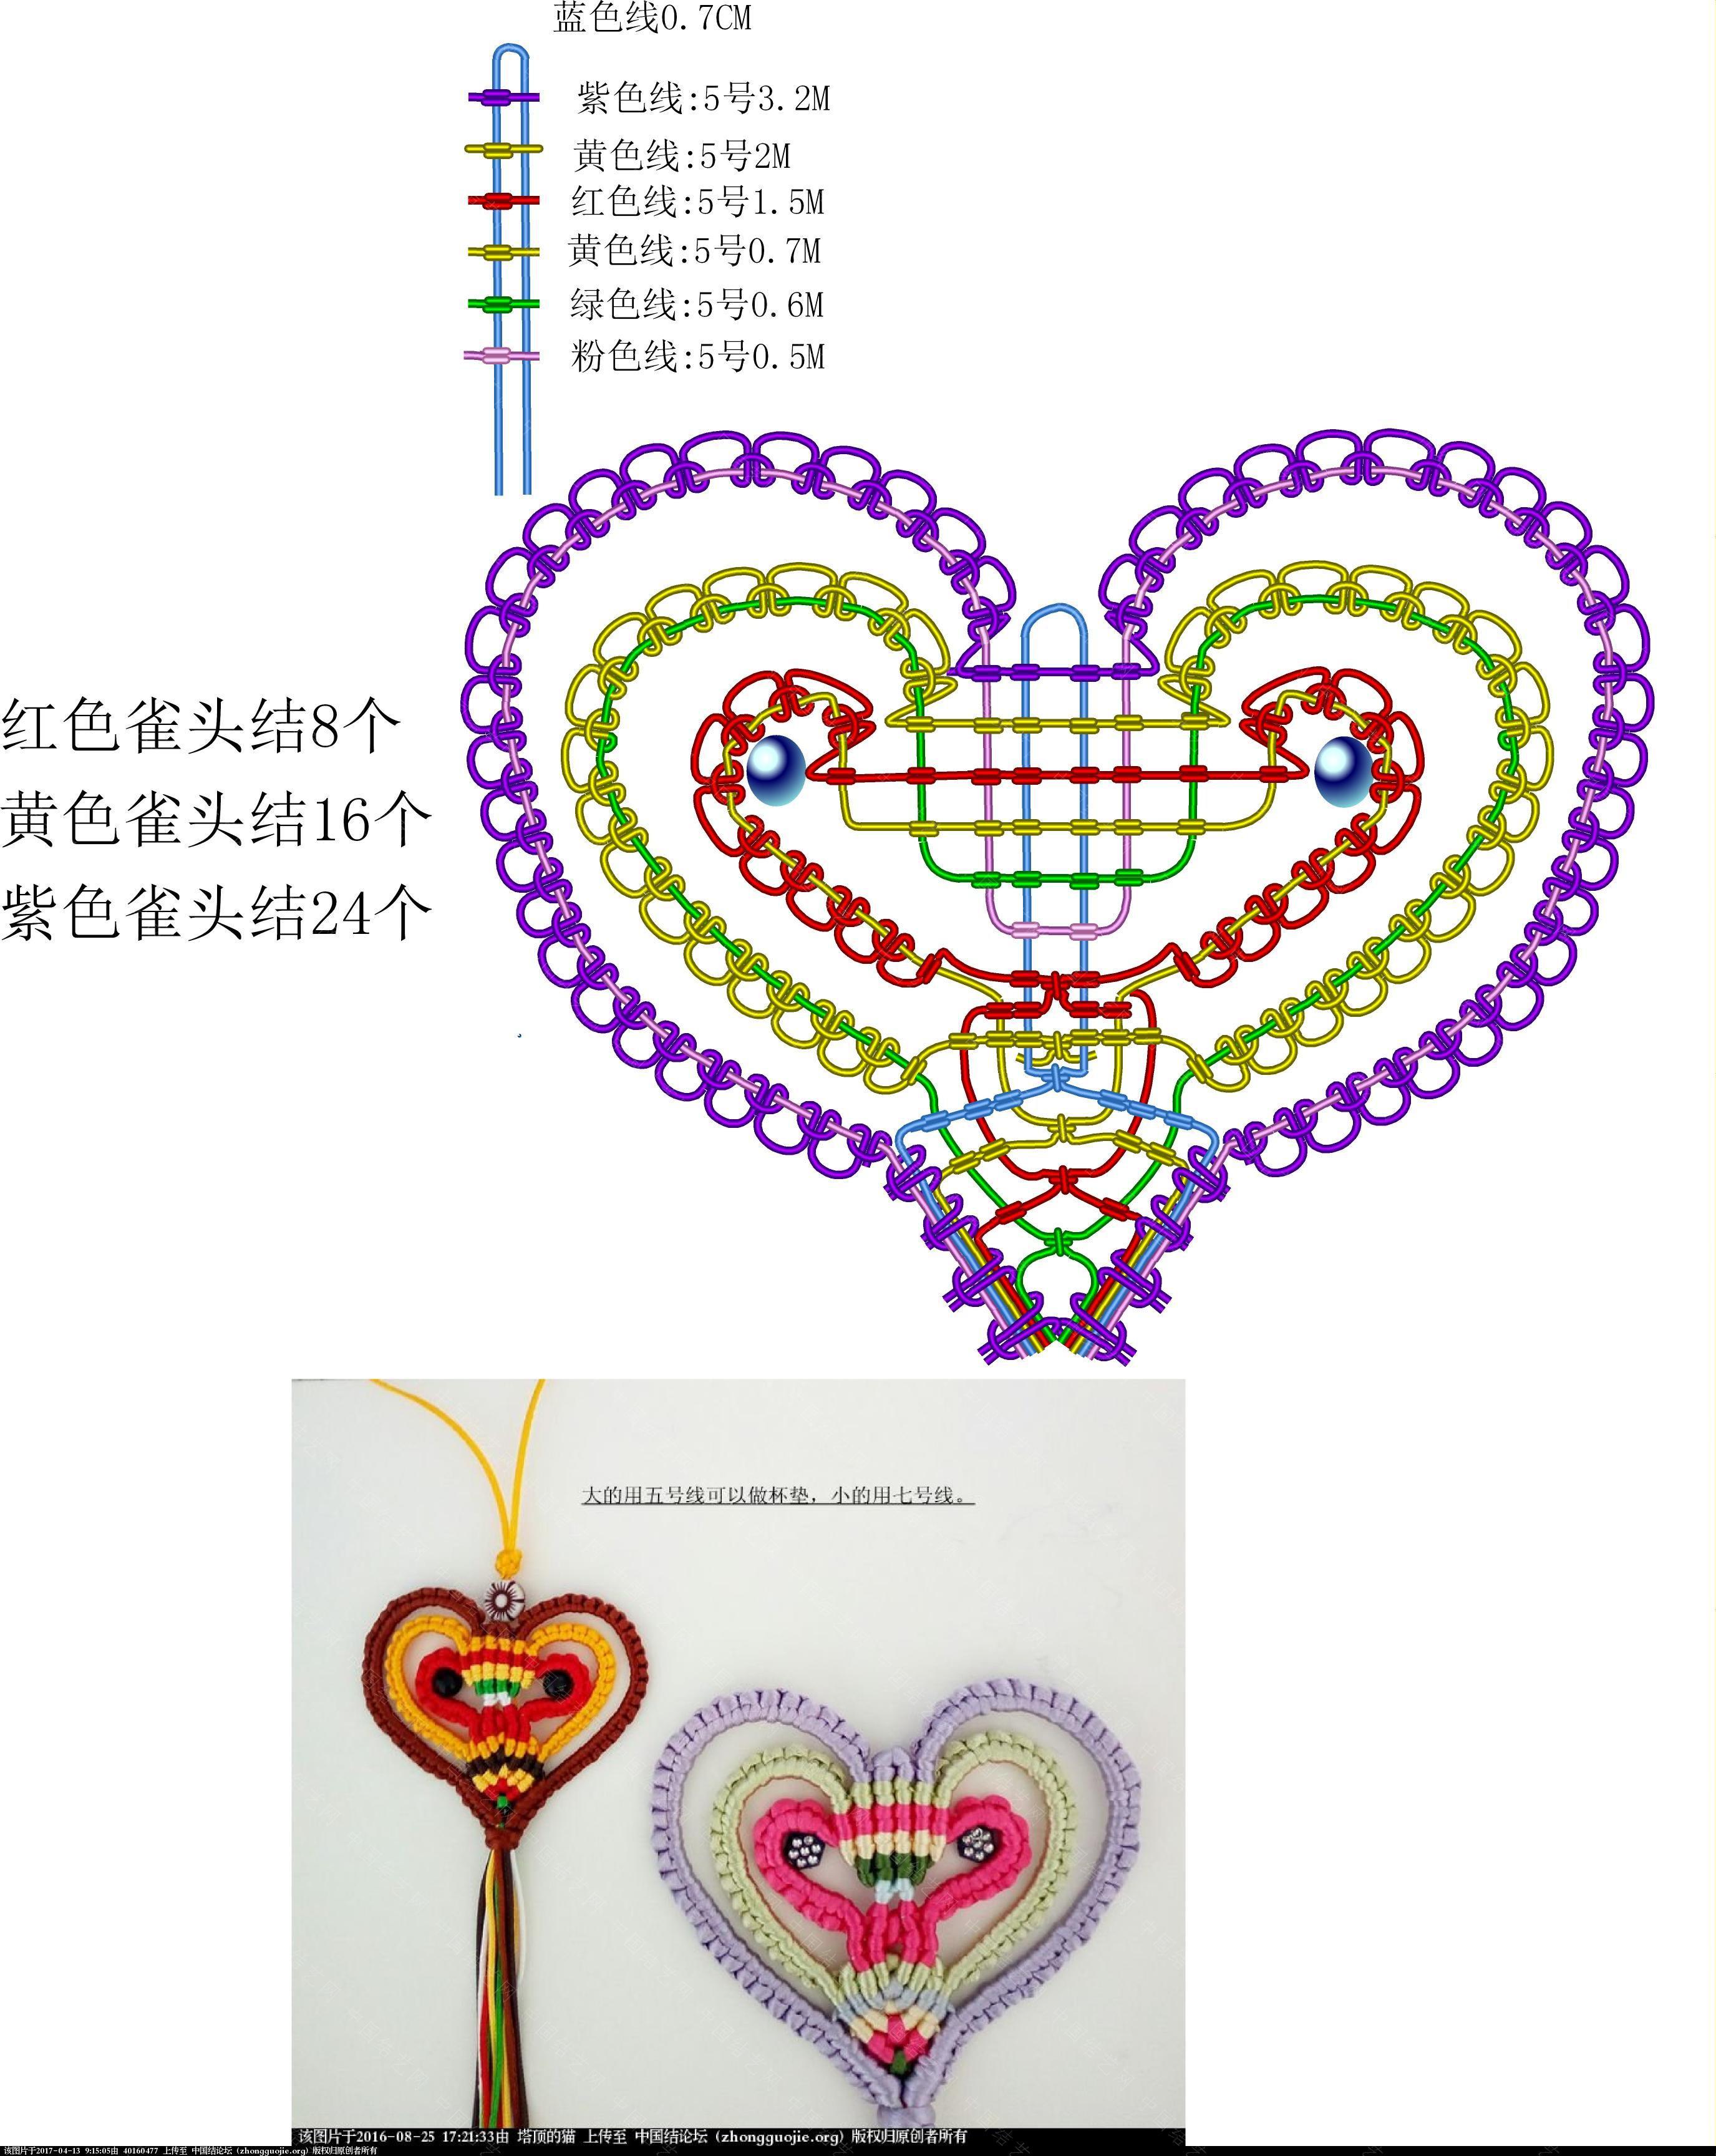 中国结论坛 猴脸的走线图  走线图教程【简图专区】 091441gi6kv43ht5mot0v9